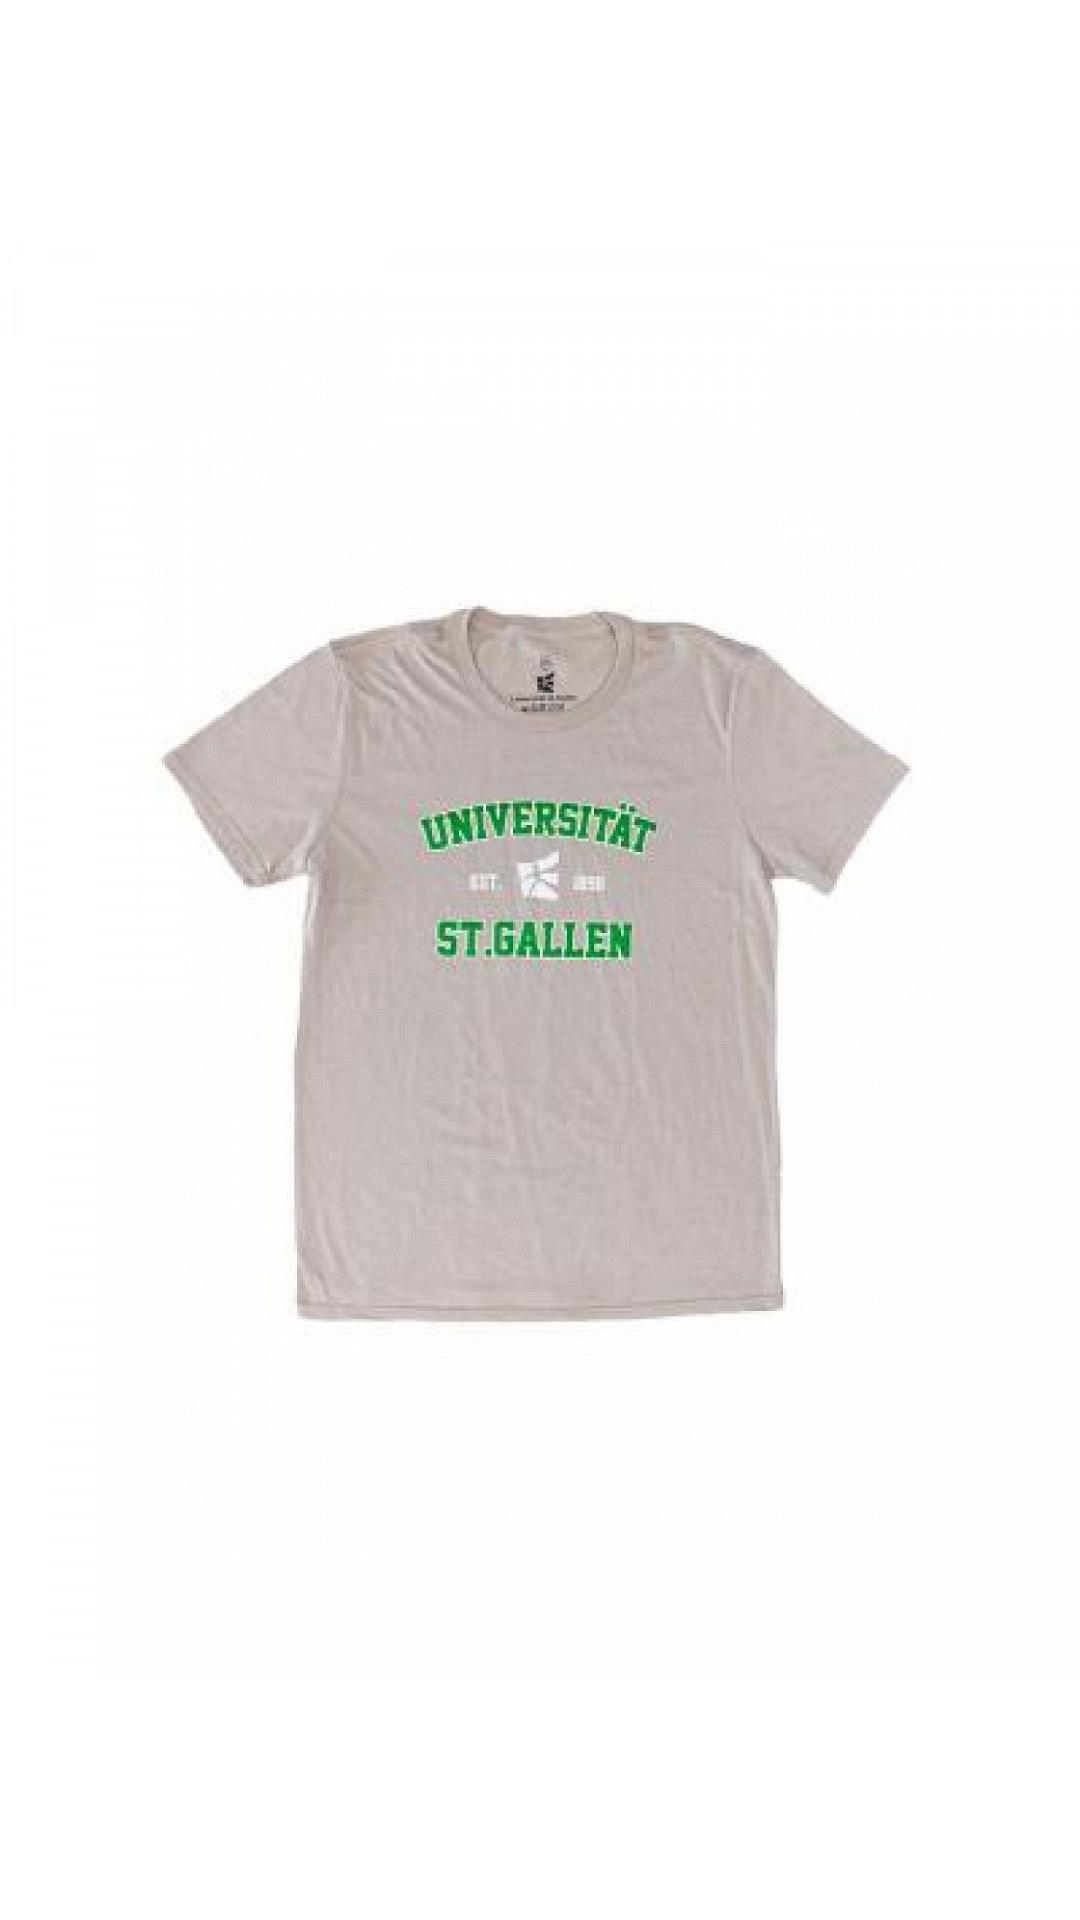 Uni T-Shirt Grau, unisex